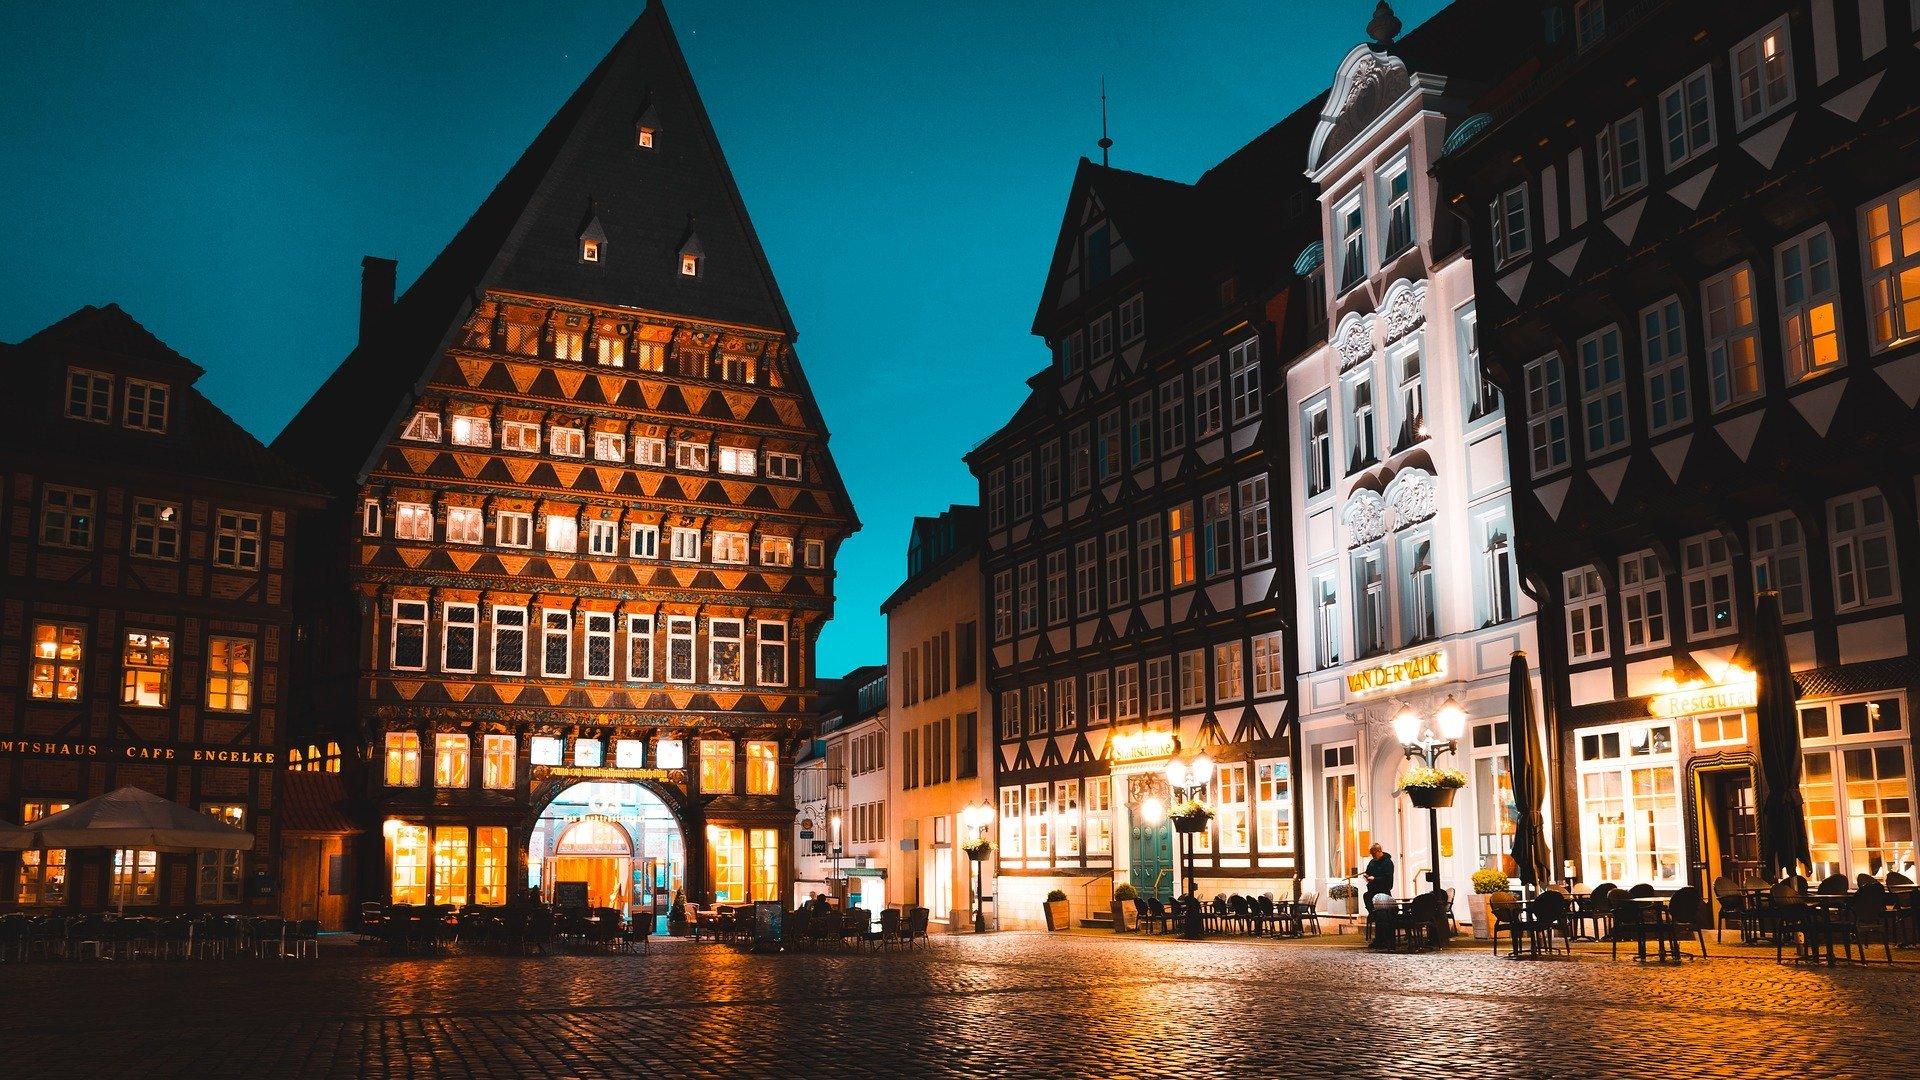 Marktplatz von Hildesheim bei Nacht